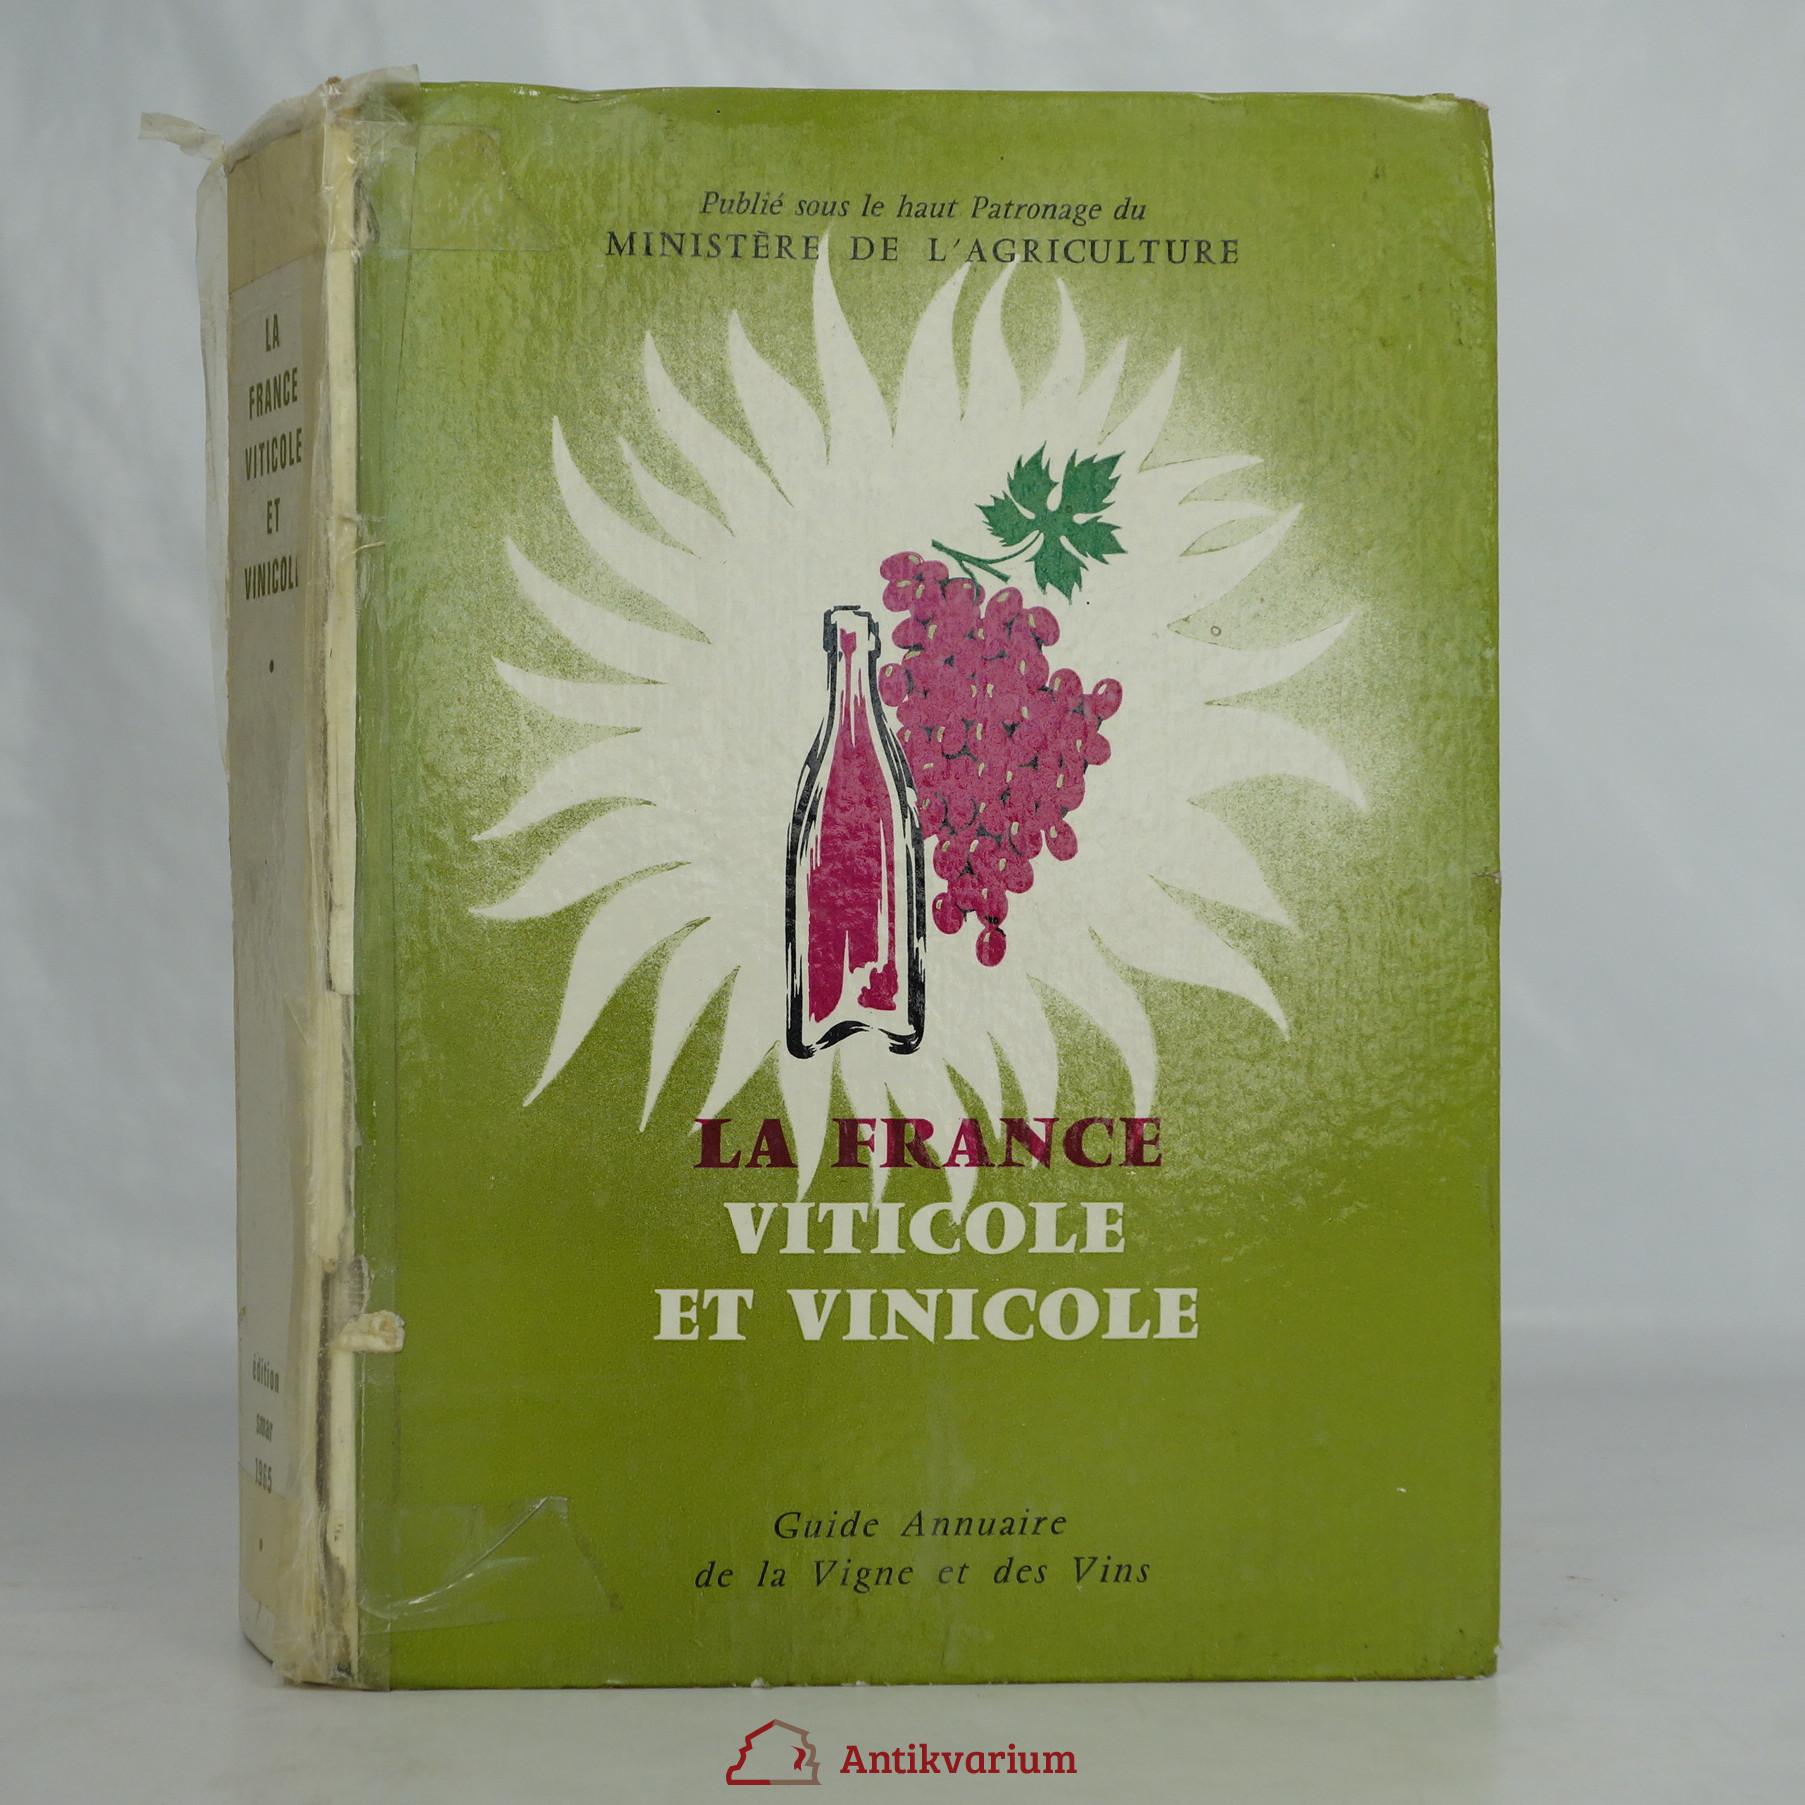 antikvární kniha La France viticole et vinicole, 1965